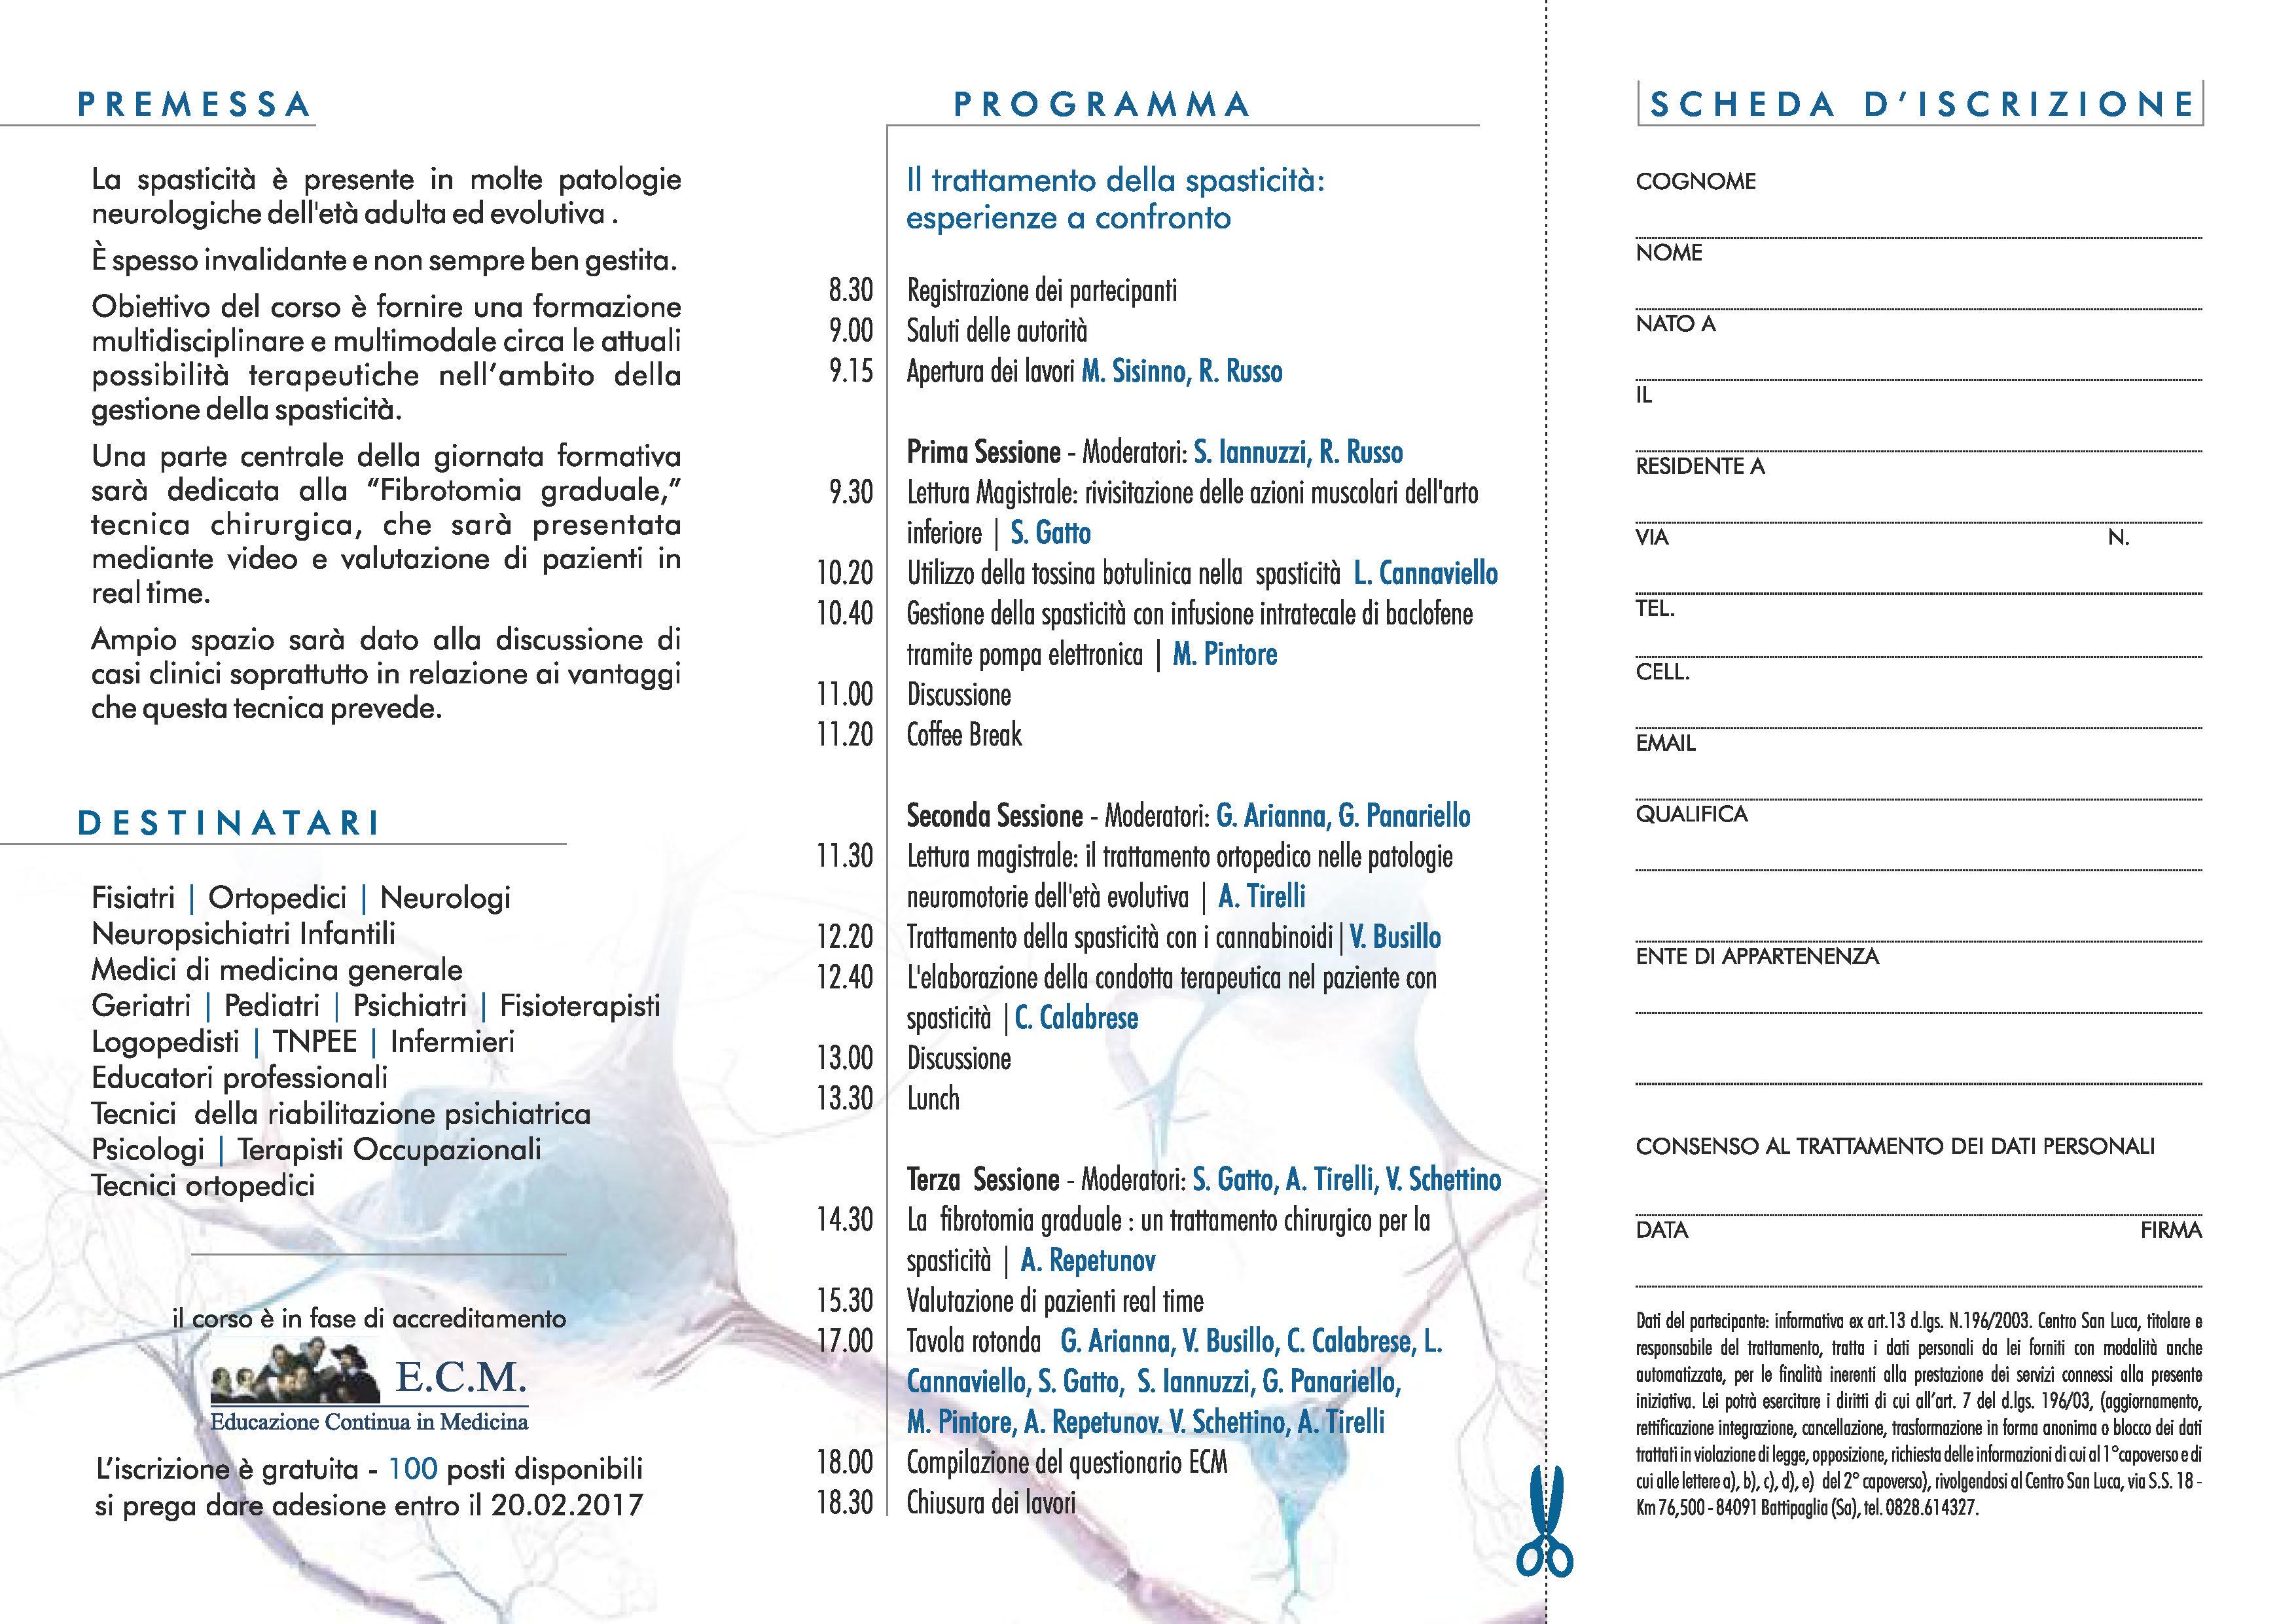 Locandina-Convegno San Luca Battipaglia 2017.02.25-2